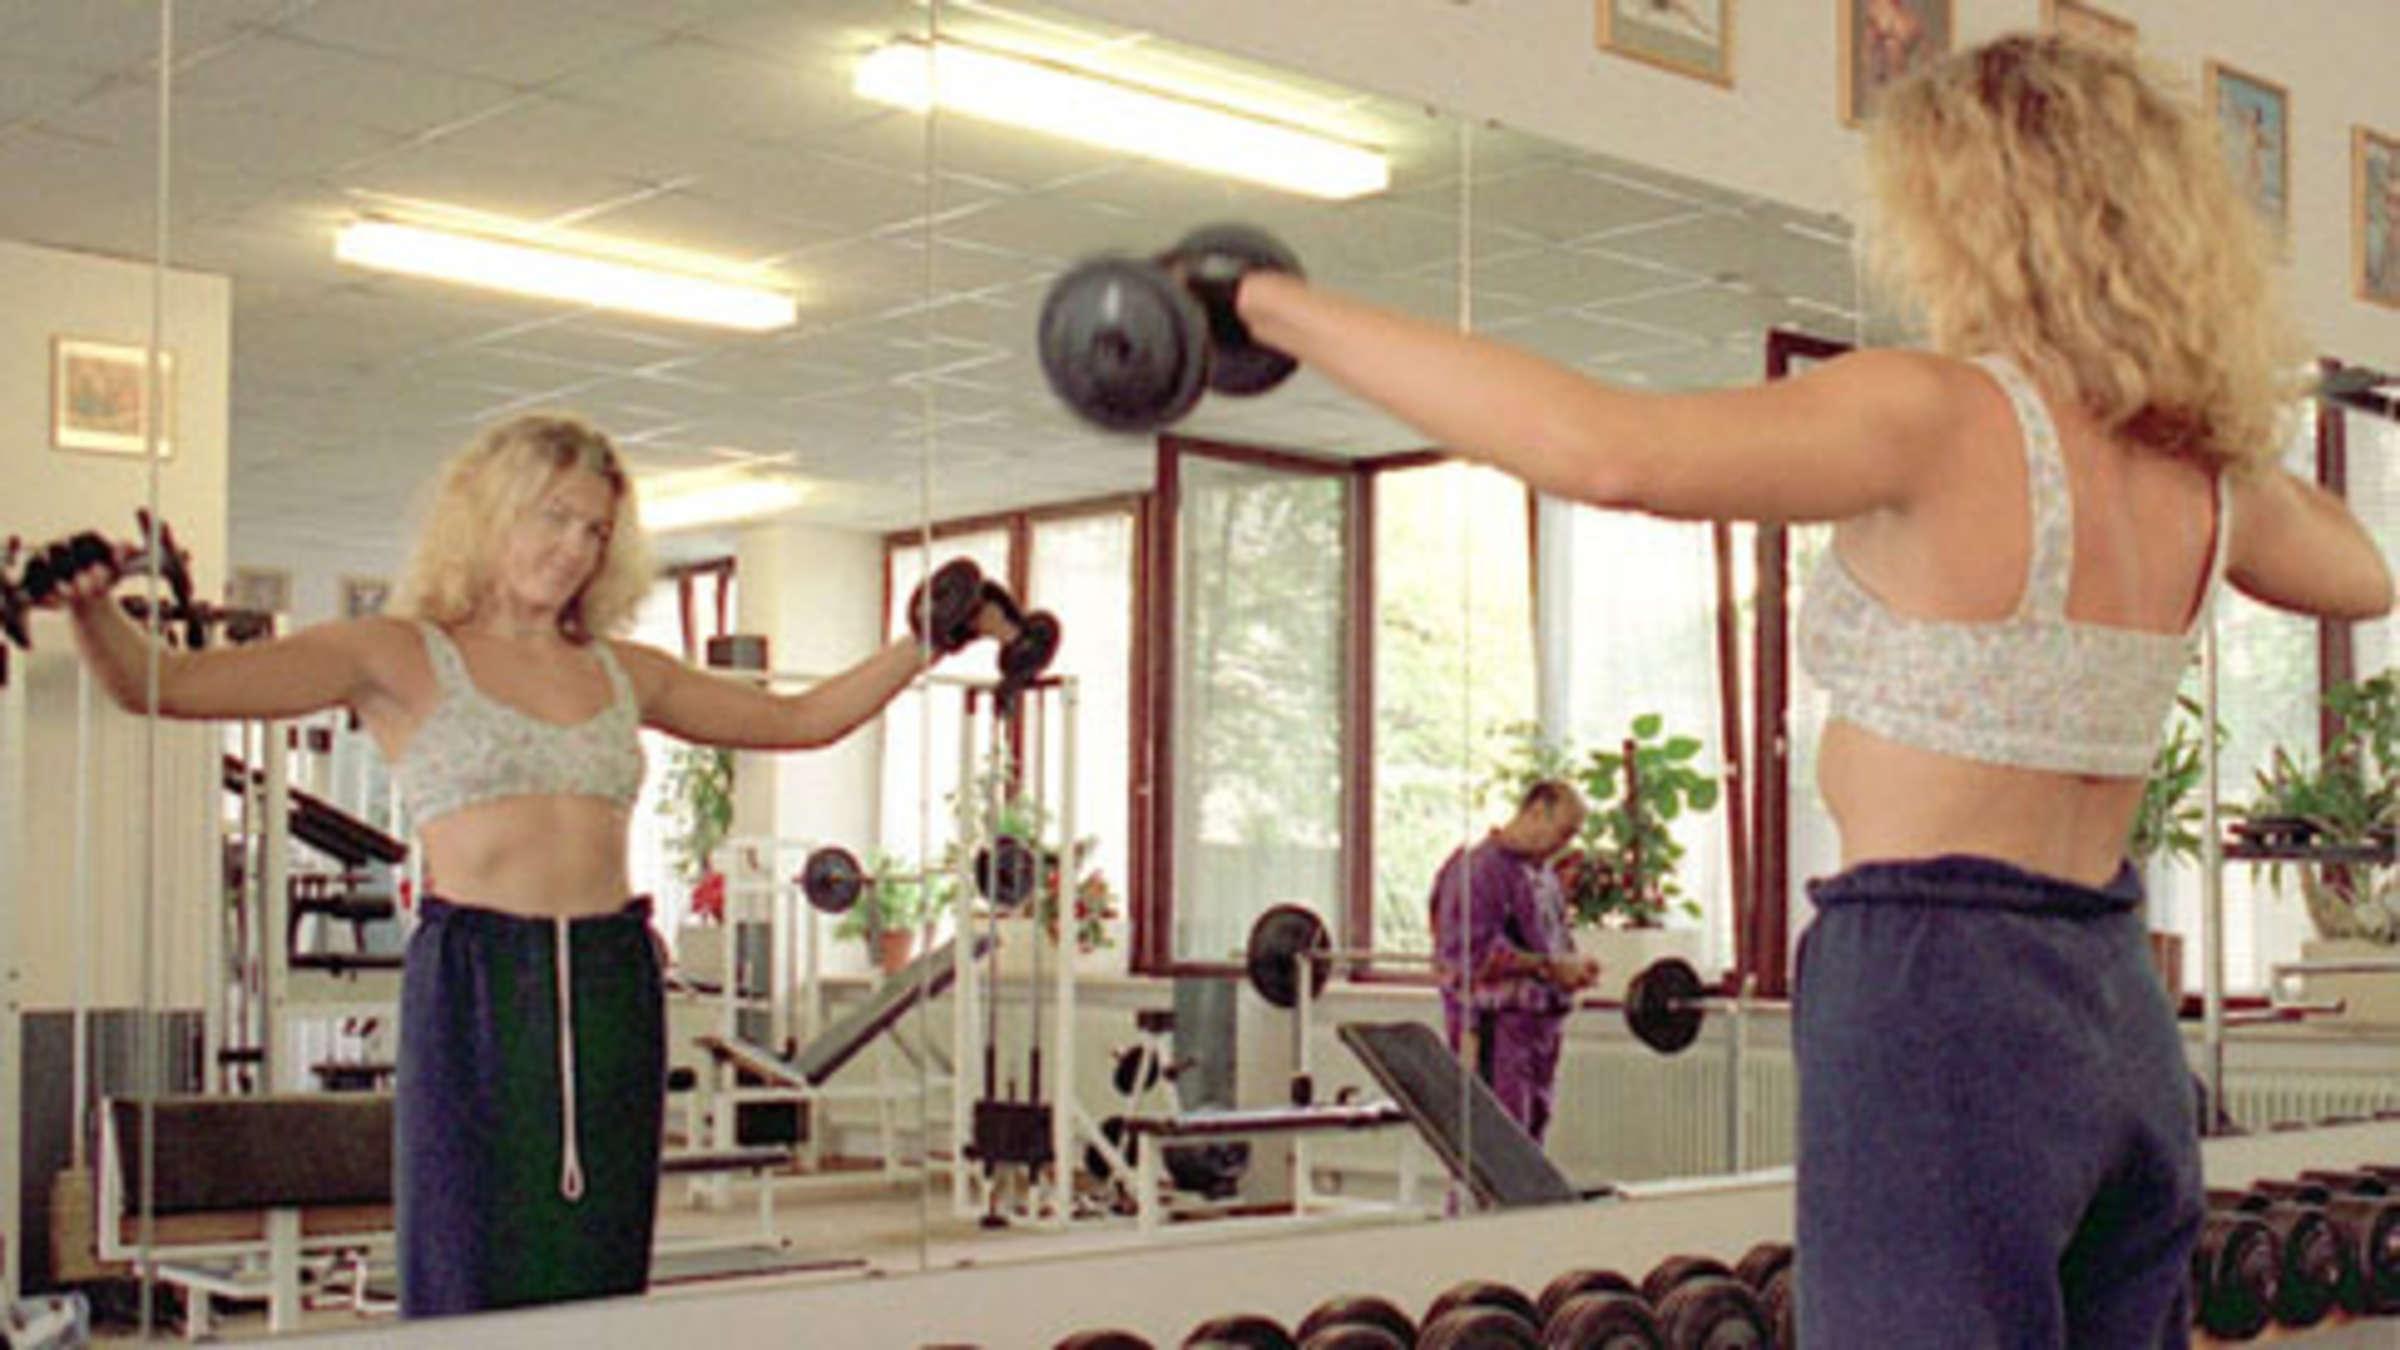 Fitnesscenter drensteinfurt